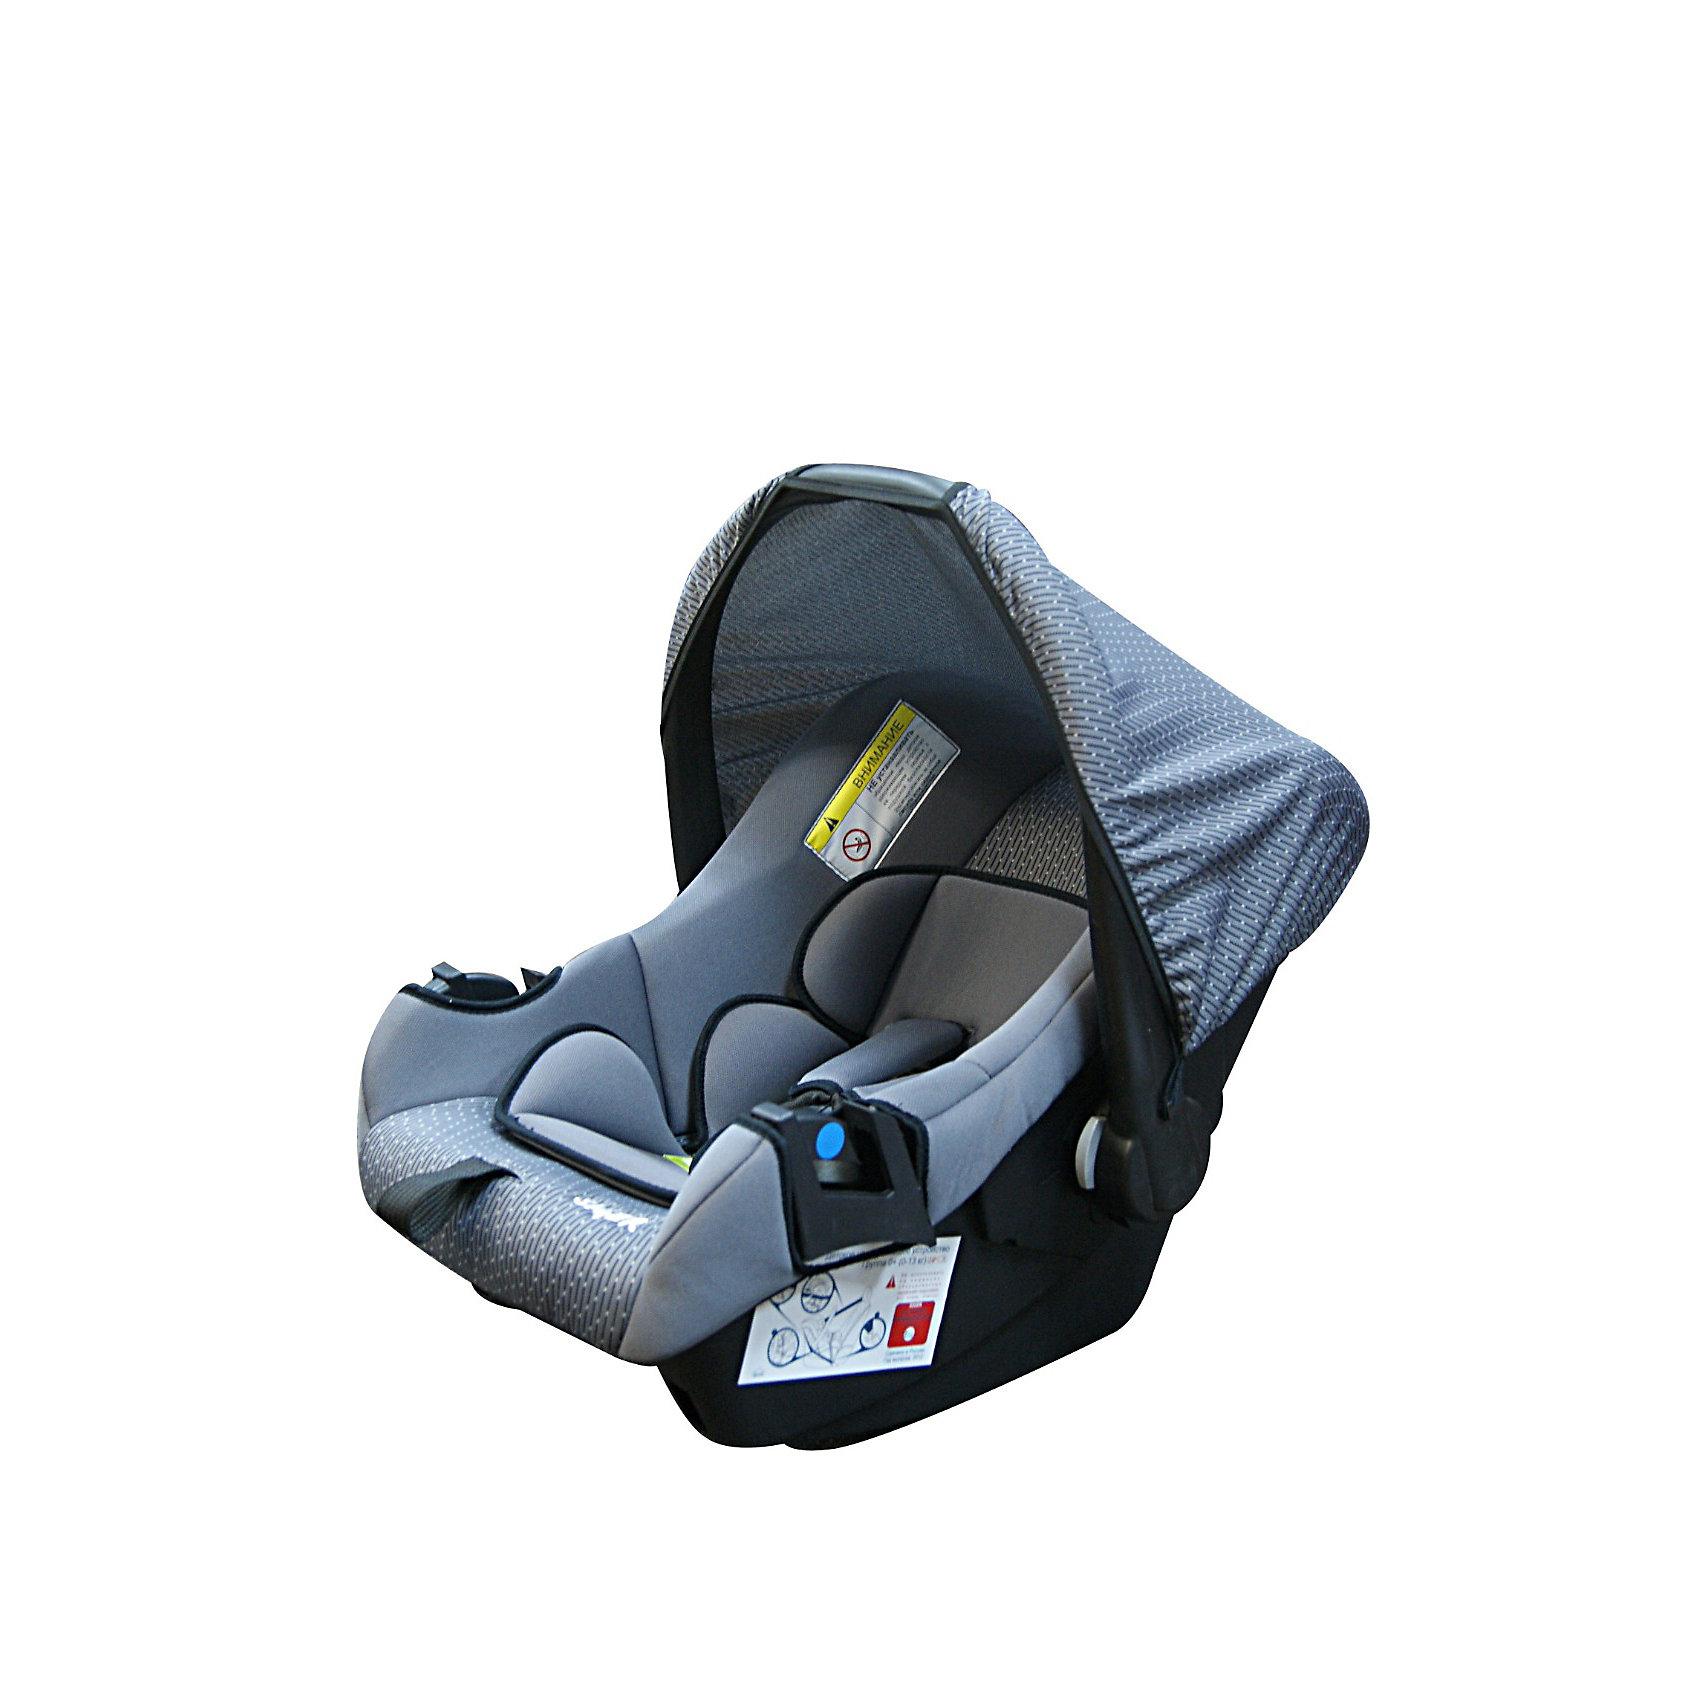 Автокресло Эгида Люкс, 0-13 кг., SIGER, серыйДетское автомобильное  кресло  SIGER Эгида Люкс.<br>Подходит для детей весом от 0 до 13 килограмма. Возрастная группа с рождения до 1,5 лет.<br>Описание:<br>- специальные амортизирующие вставки из гигиенического пенополиуретана;<br>- удобная ручка с возможностью фиксации в 4 положениях;<br>- замок ремней с мягкой накладкой и защитой от неправильного использования;<br>- возможность регулировки ремней по длине, высоте (3 положения) и глубине (2 положения);<br>- Мягкий подголовник и вкладыш сиденья;<br>- широкие лямки ремней с мягкими наплечниками;<br>- козырек от солнца;<br>- усиленная боковая защита;<br>- цвет – серый.<br>Детское автомобильное кресло SIGER Эгида Люкс можно купить в нашем интернет-магазине.<br><br>Ширина мм: 670<br>Глубина мм: 450<br>Высота мм: 440<br>Вес г: 3000<br>Возраст от месяцев: 0<br>Возраст до месяцев: 12<br>Пол: Унисекс<br>Возраст: Детский<br>SKU: 3340366